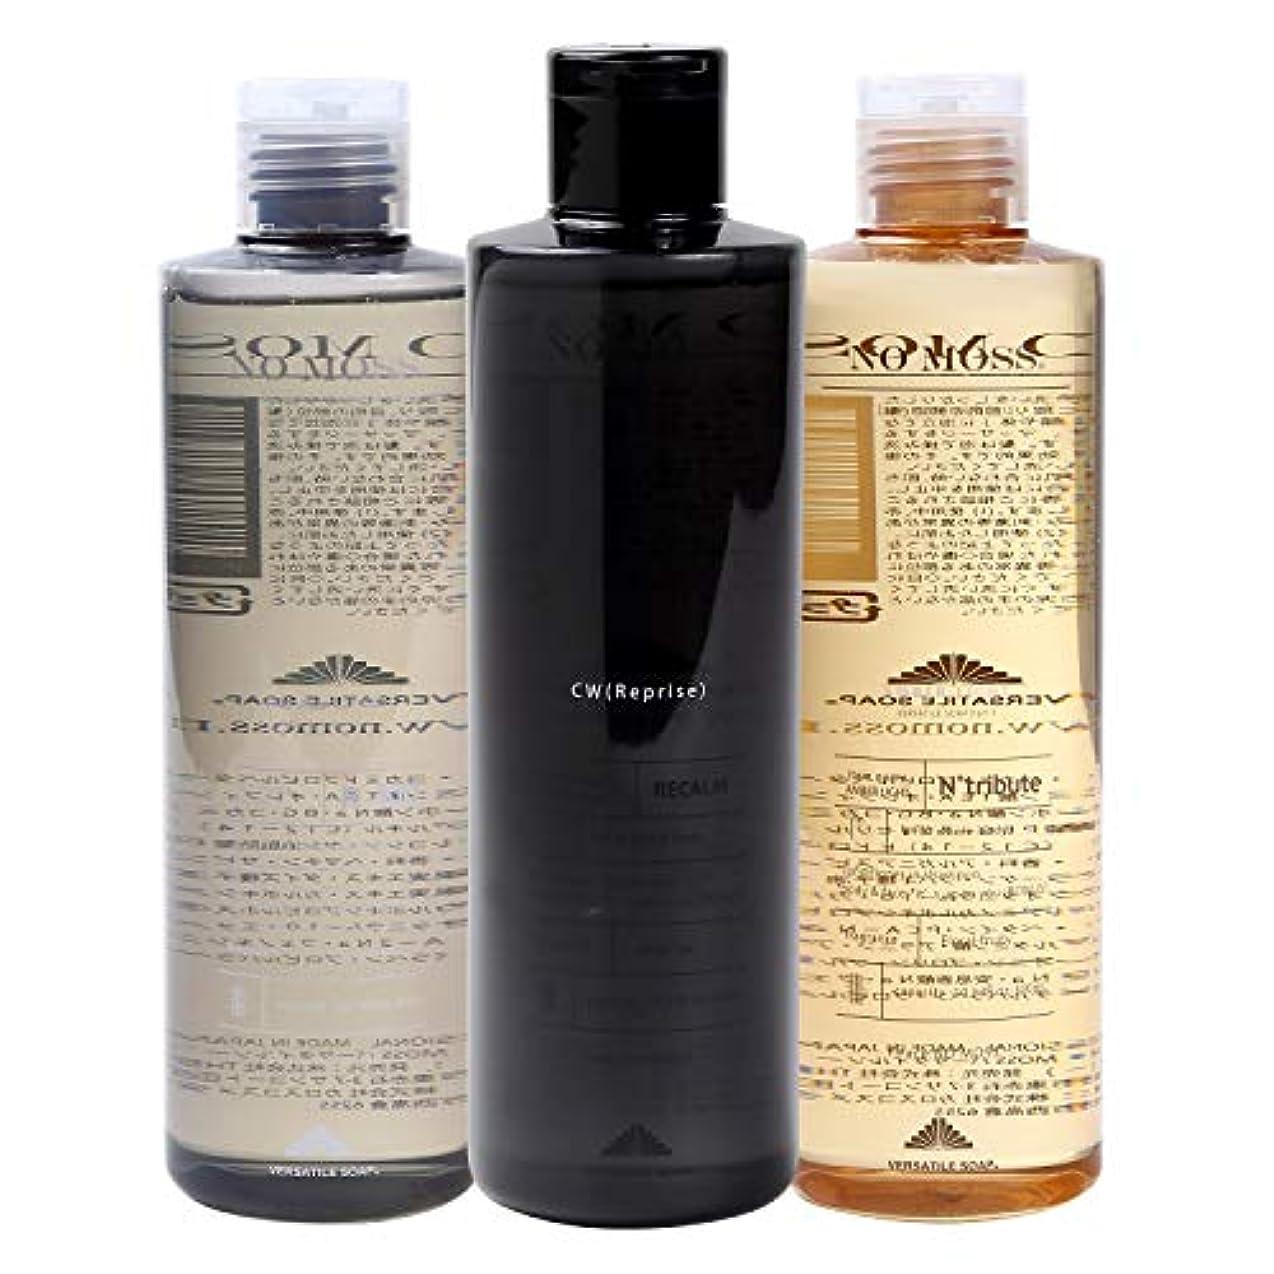 副産物グリル乏しいNO MOSS VERSATILE SOAP(ノーモス バーサタイル ソープ) 300ml FULLセット